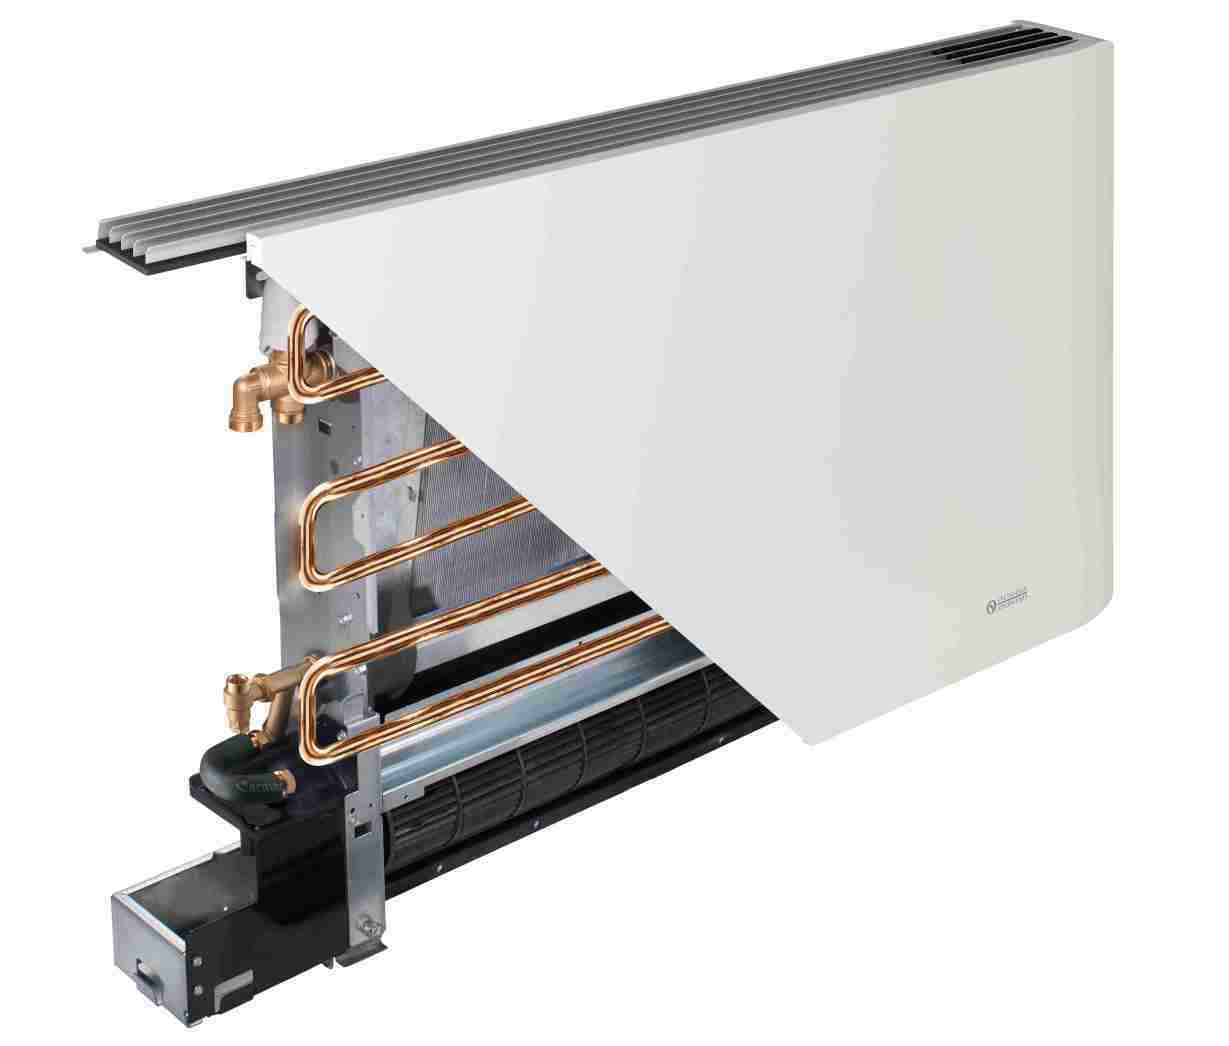 Cos il fancoil e come funziona - Come funziona lo scaldabagno elettrico ...